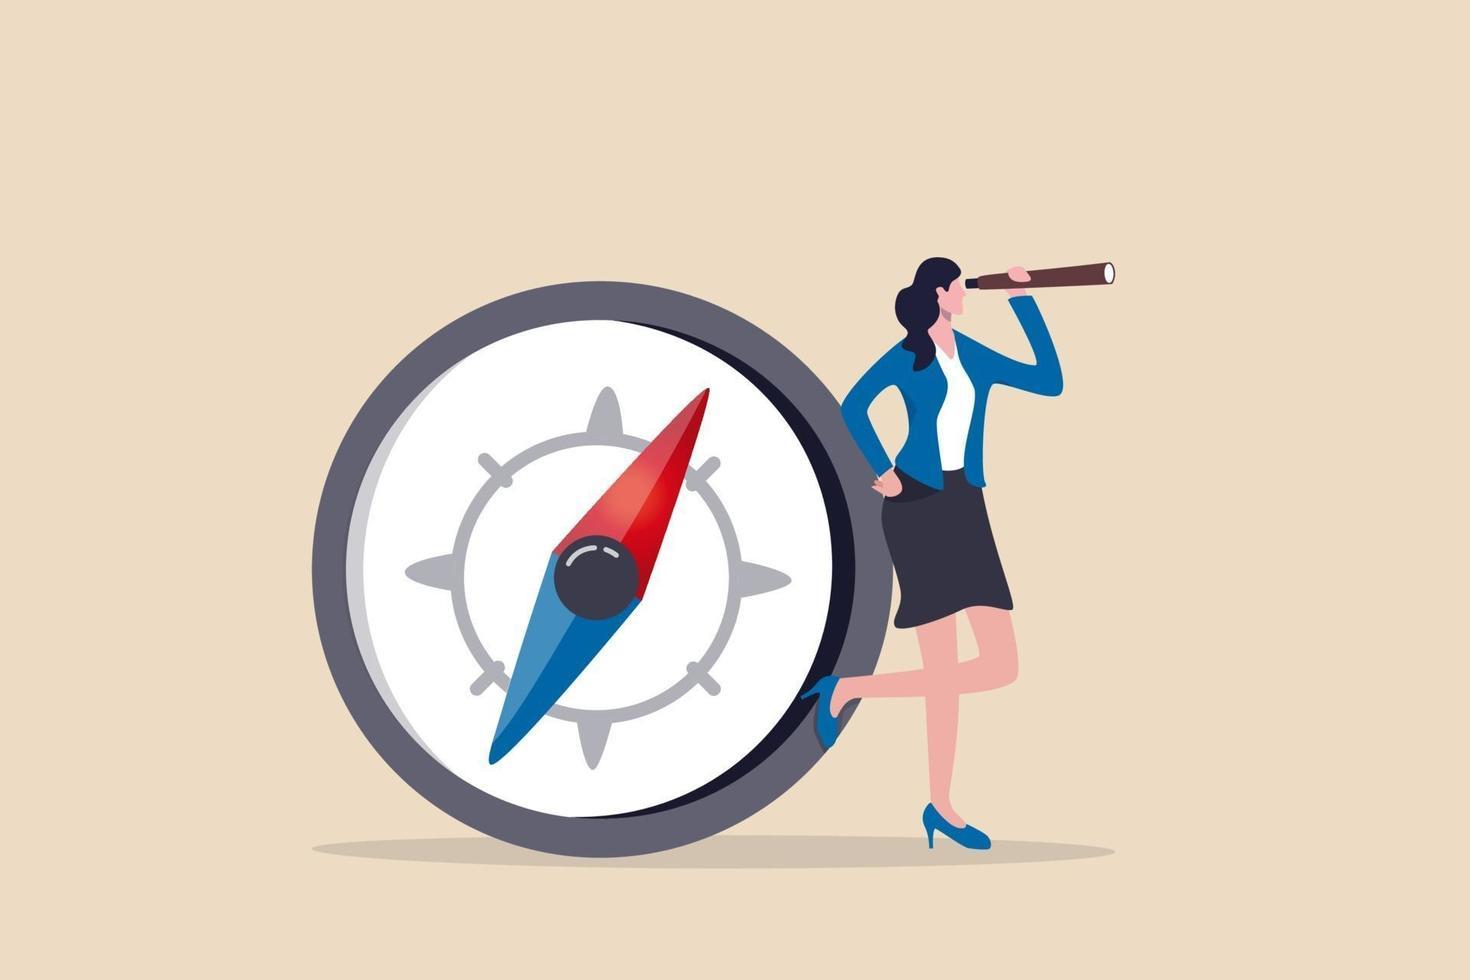 liderança feminina, visão da mulher para liderar a direção, igualdade de gênero para abraçar a mulher no conceito de gestão de negócios vetor